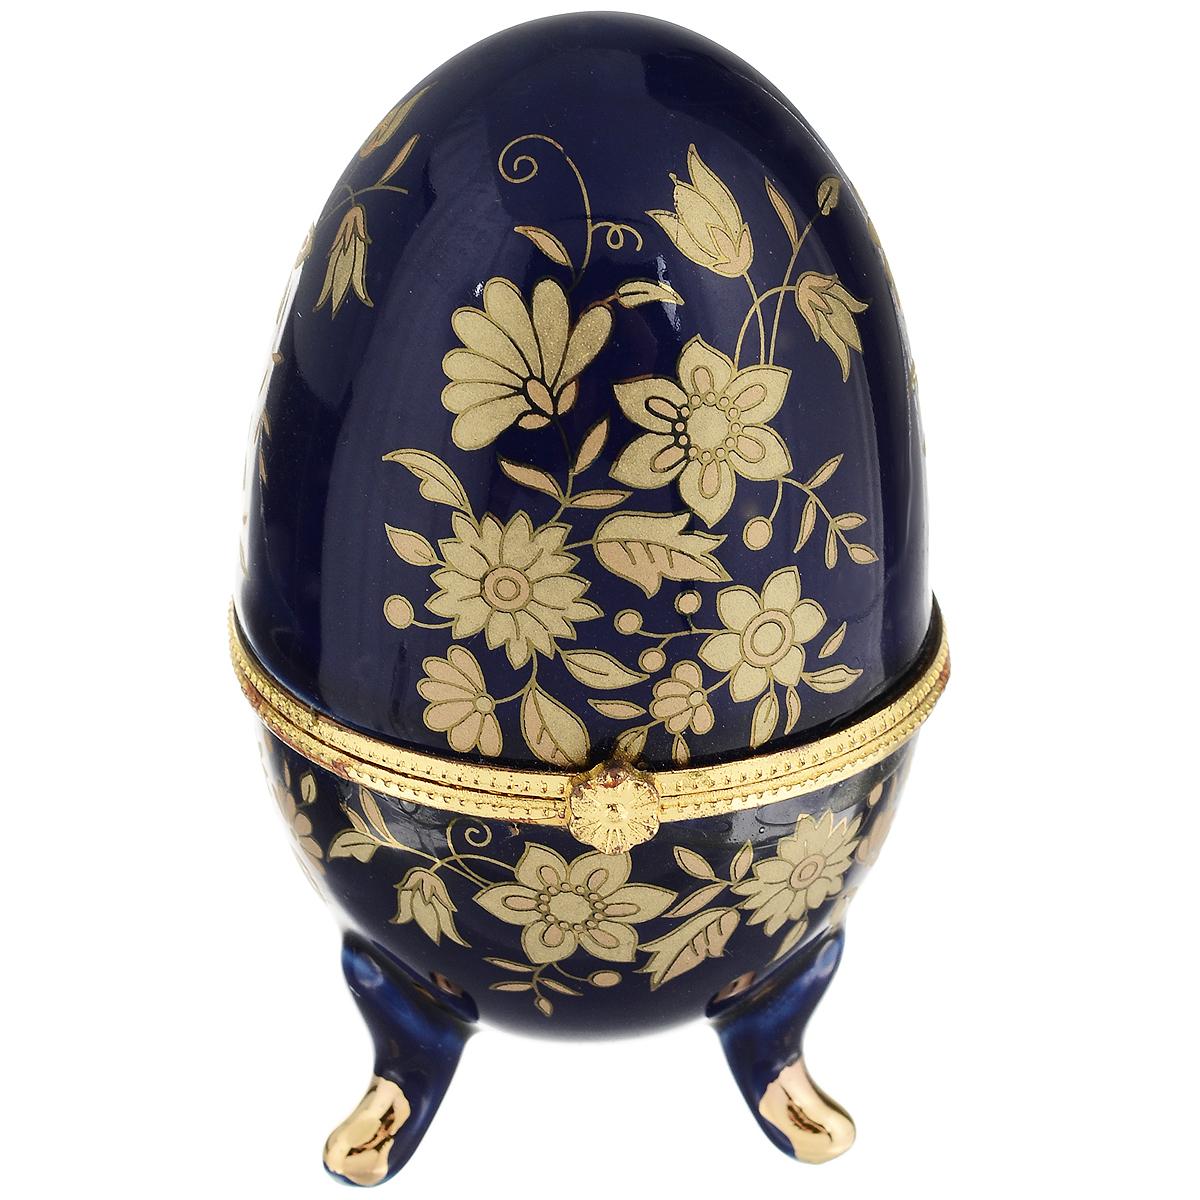 Шкатулка Besko Синь. 528-218528-218Стильная шкатулка Besko Синь не оставит равнодушной ни одну любительницу драгоценностей и изысканных вещей. Шкатулка в форме яйца на трех ножках выполнена из фарфора синего цвета и украшена золотистым цветочным узором.Сочетание оригинального дизайна и функциональности сделает такую шкатулку практичным и стильным подарком, а также предметом гордости ее обладательницы. Рекомендуется регулярно удалят пыль мягкой, сухой тряпкой. Не применять абразивные чистящие вещества.